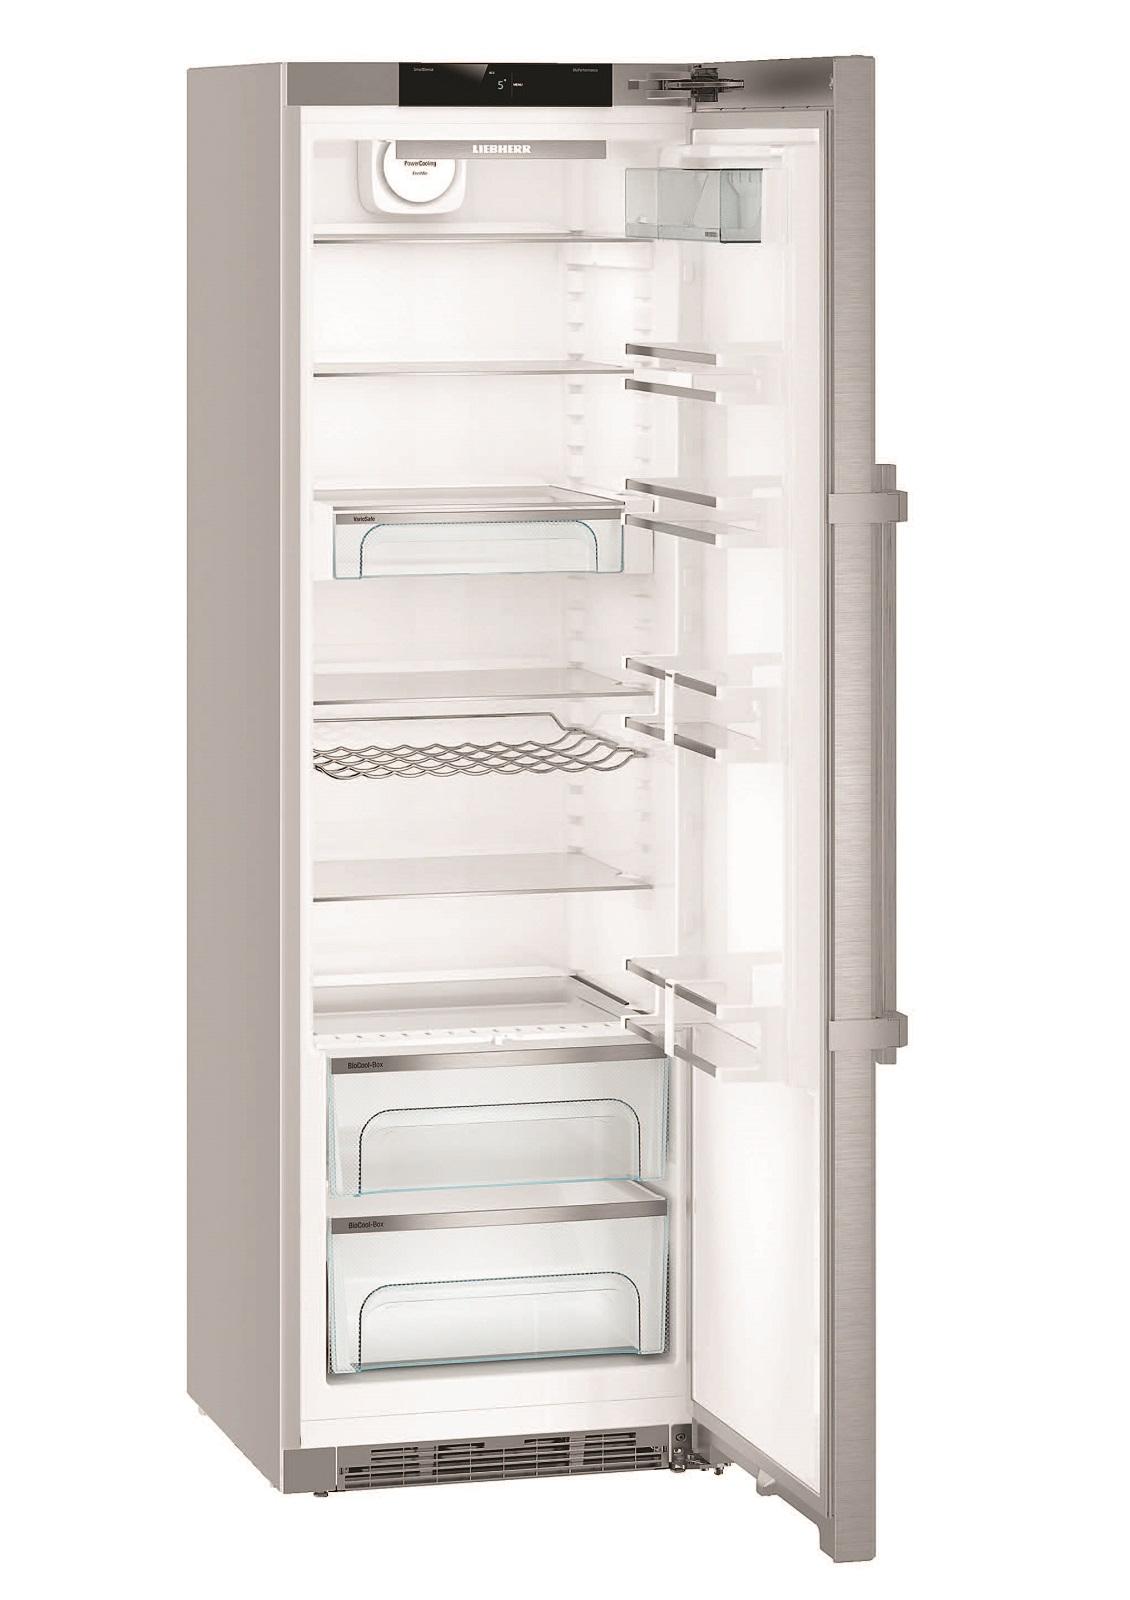 купить Однокамерный холодильник Liebherr Kef 4370 Украина фото 1